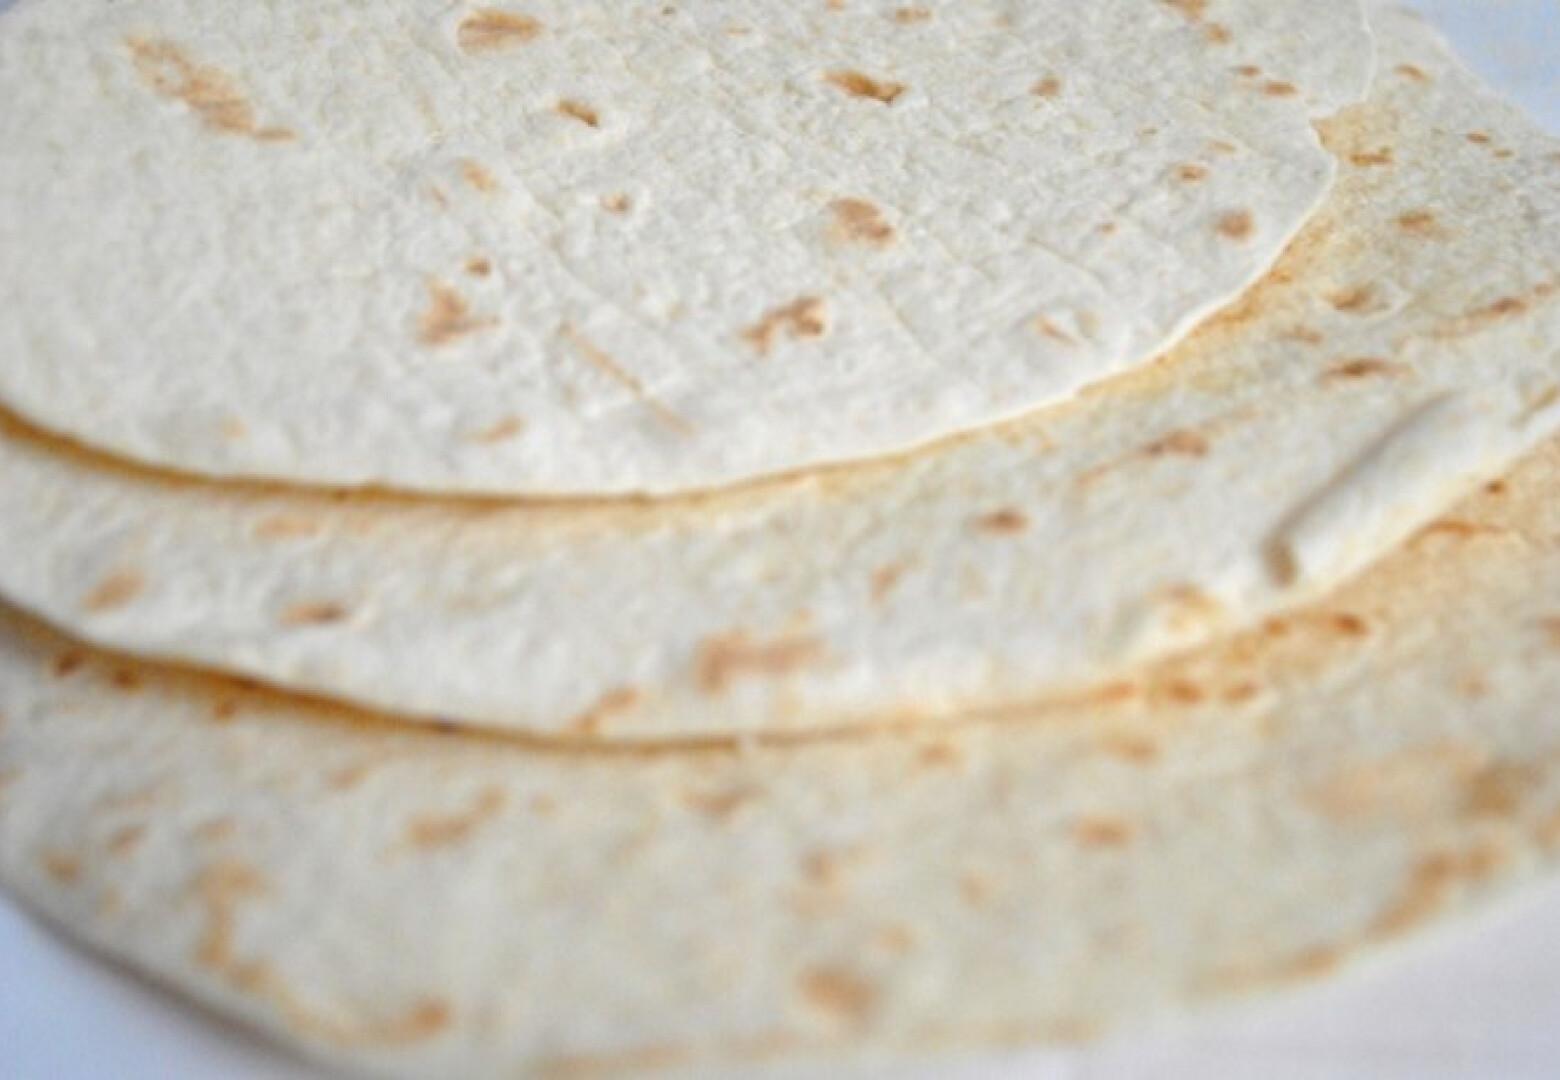 kukorica vagy liszt tortilla fogyáshoz